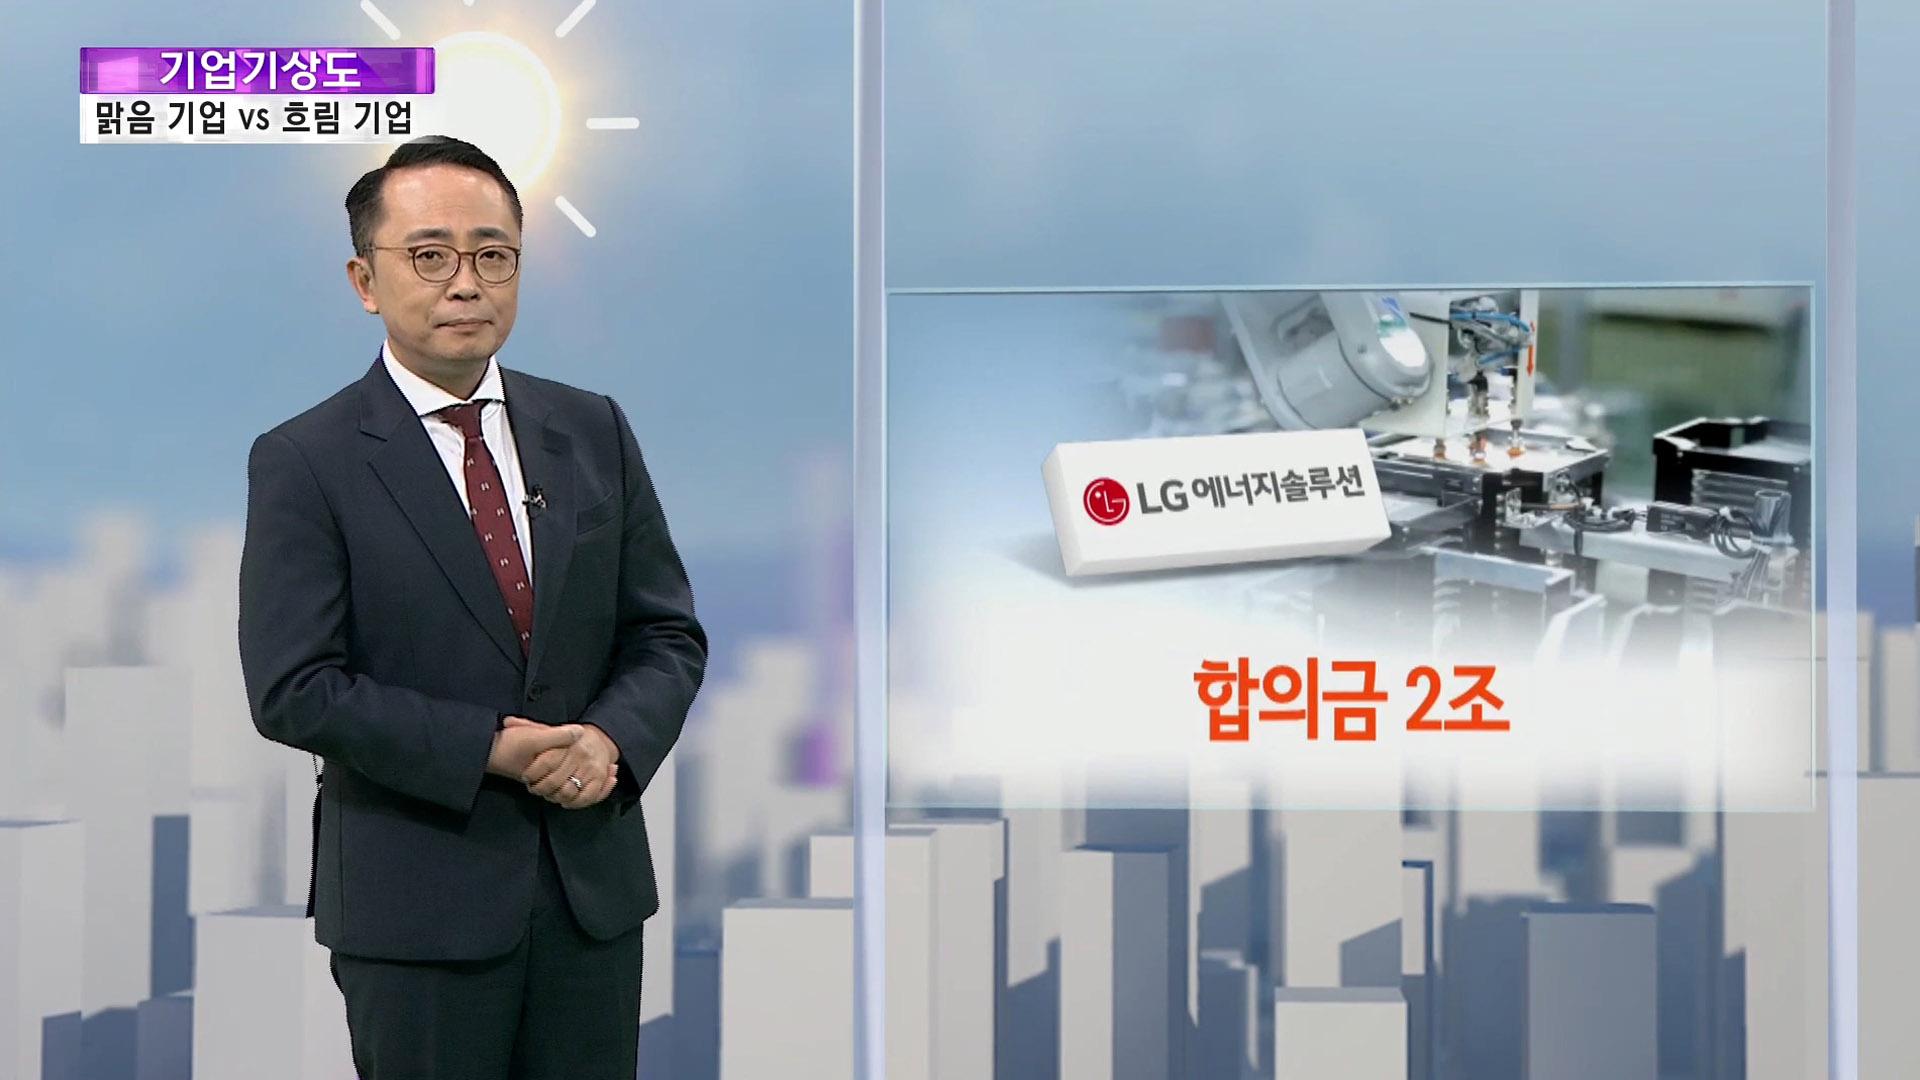 [기업기상도] 한몫 잡아 맑은 기업 vs 야단맞고 흐린 기업